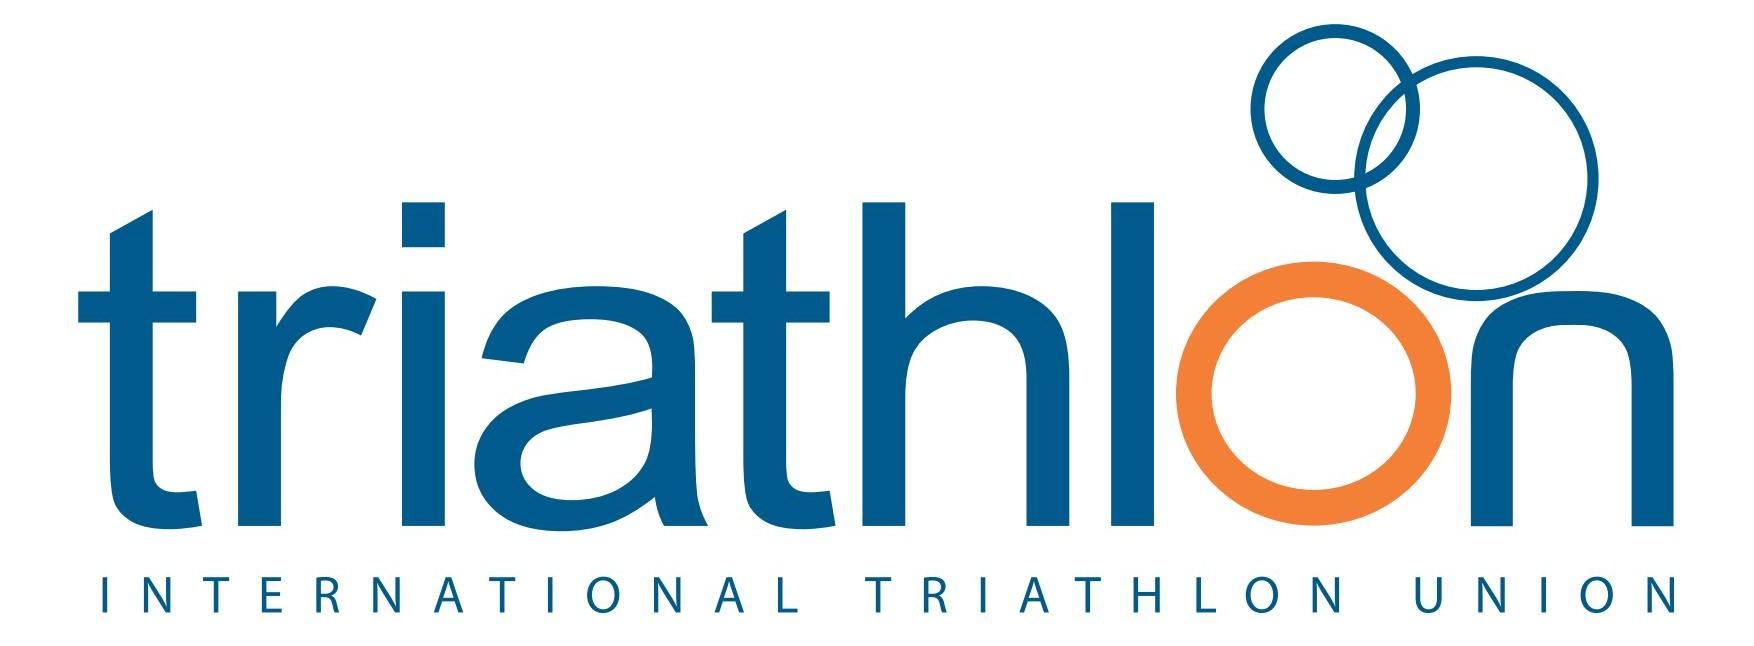 International-Triathlon-Union-ITU-logo.jpg